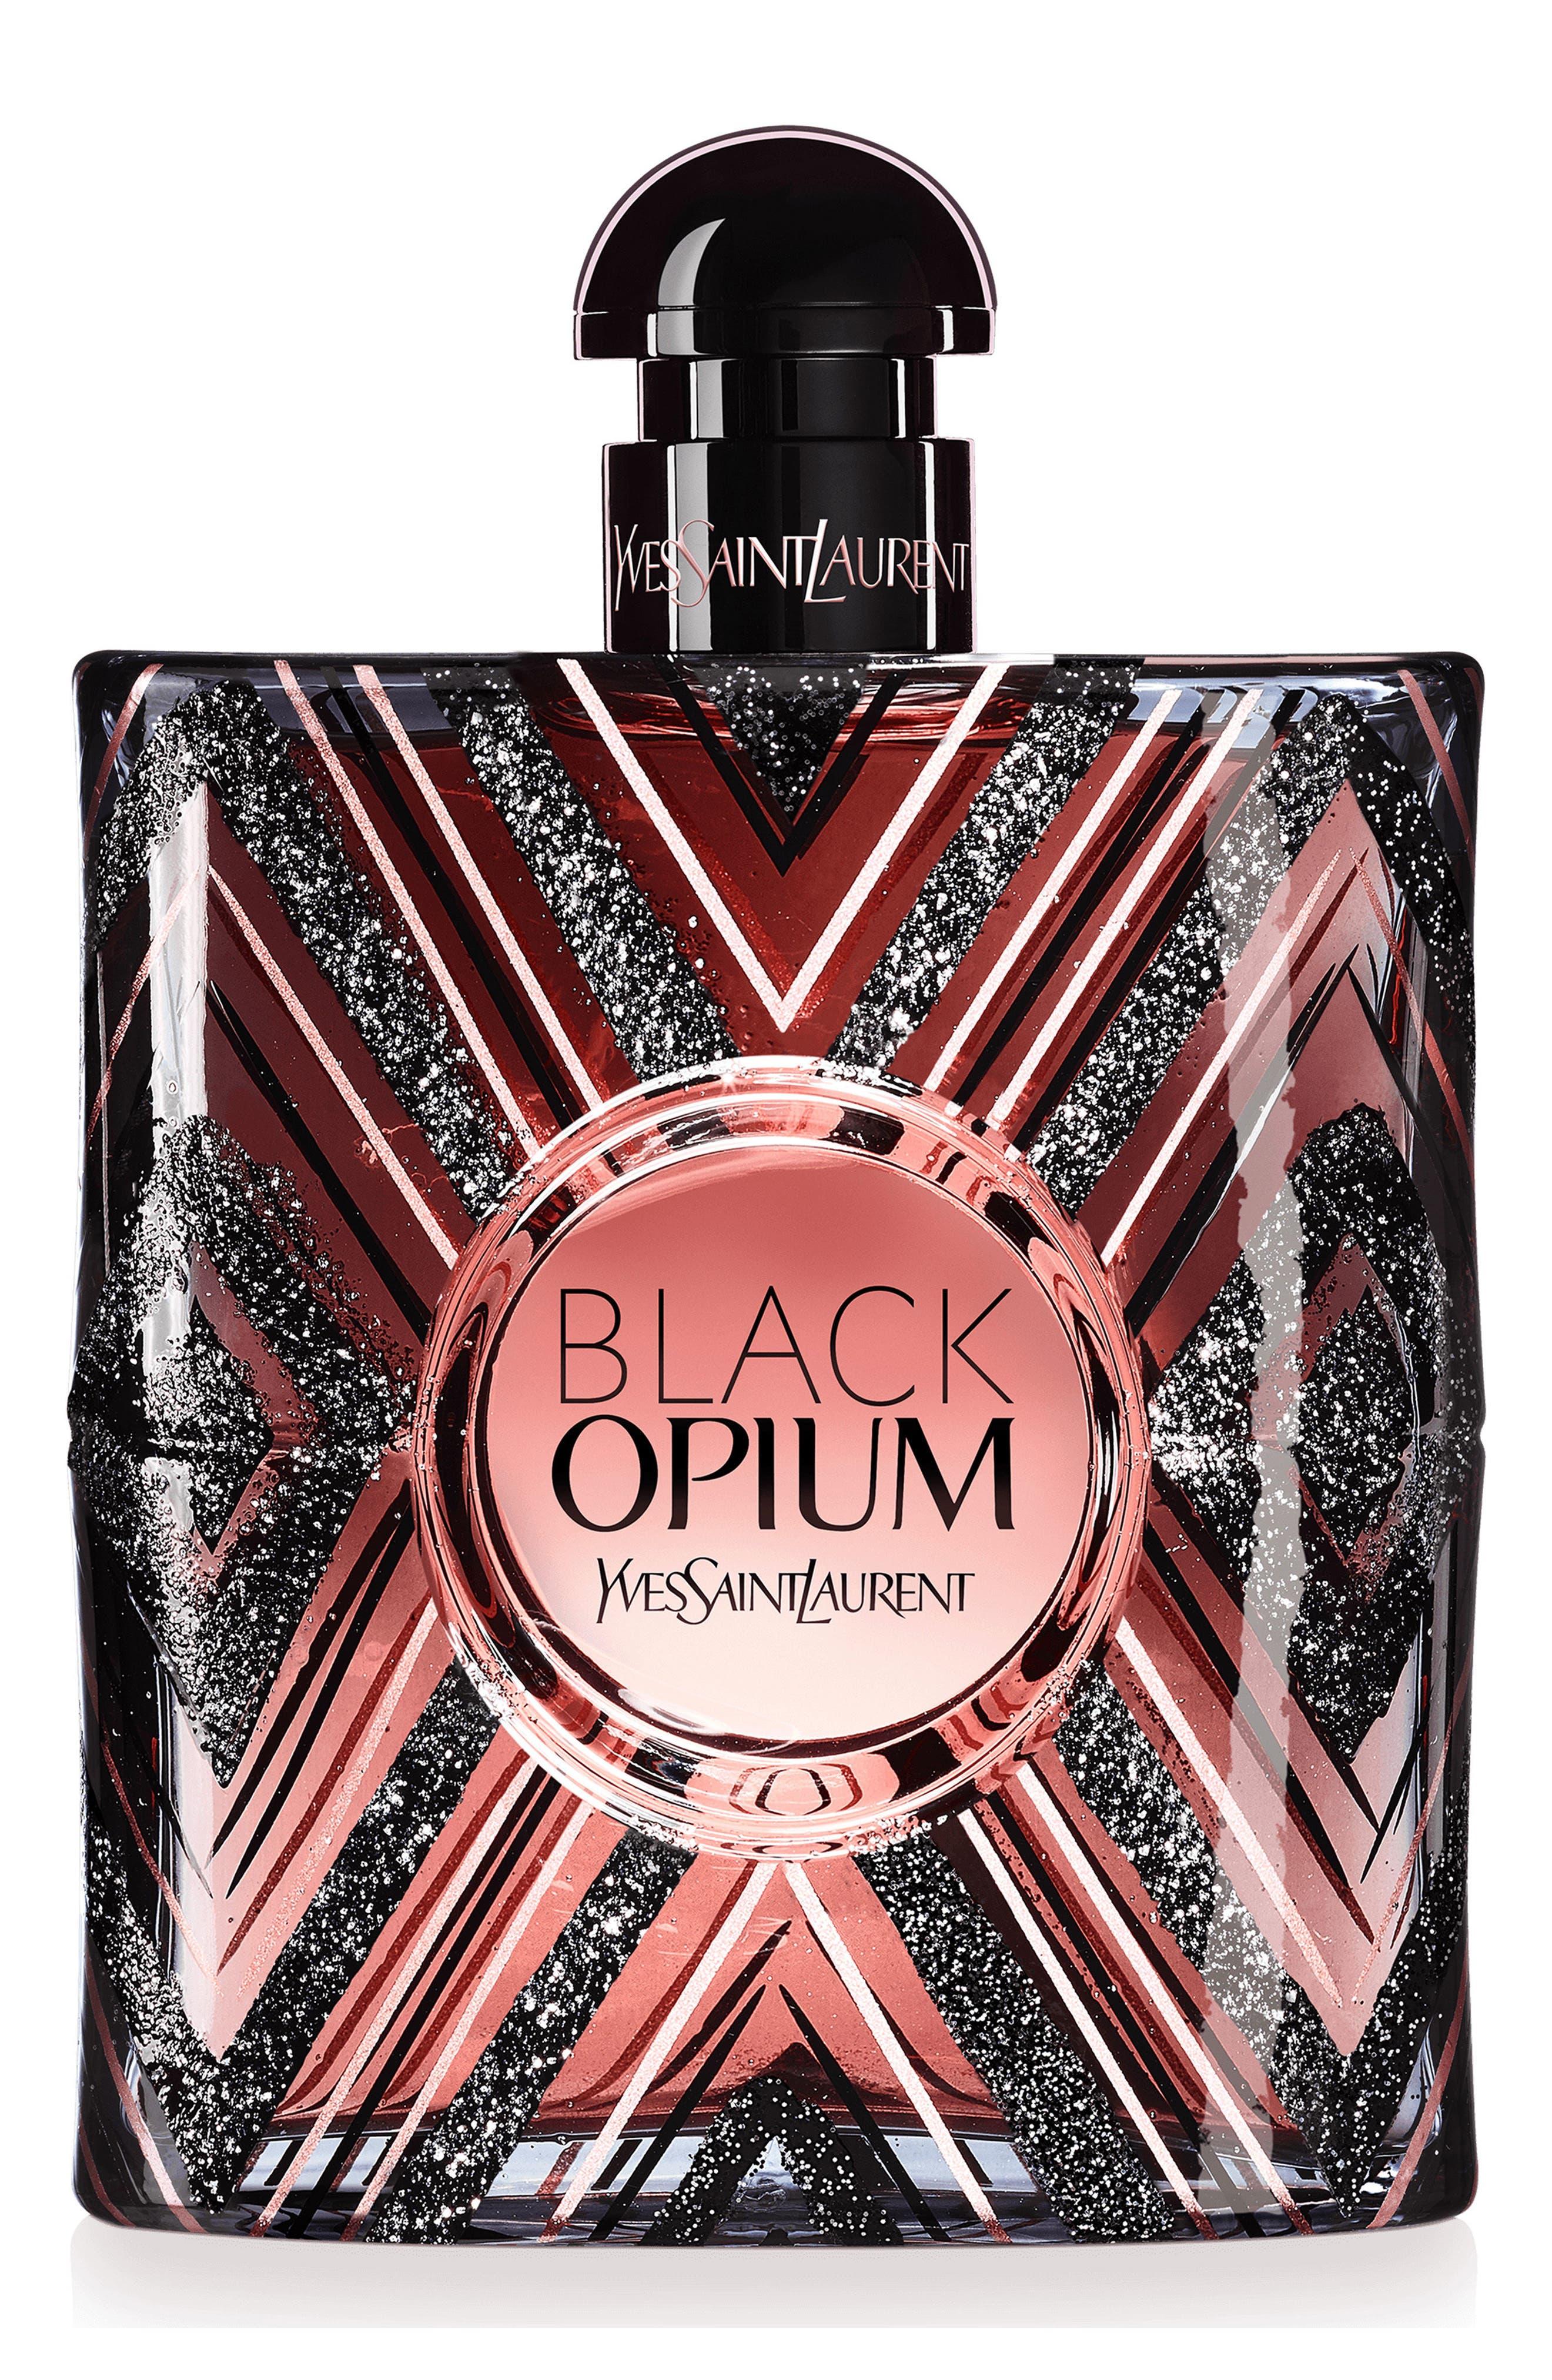 Yves Saint Laurent Black Opium Pure Illusion Eau de Parfum (Limited Edition)